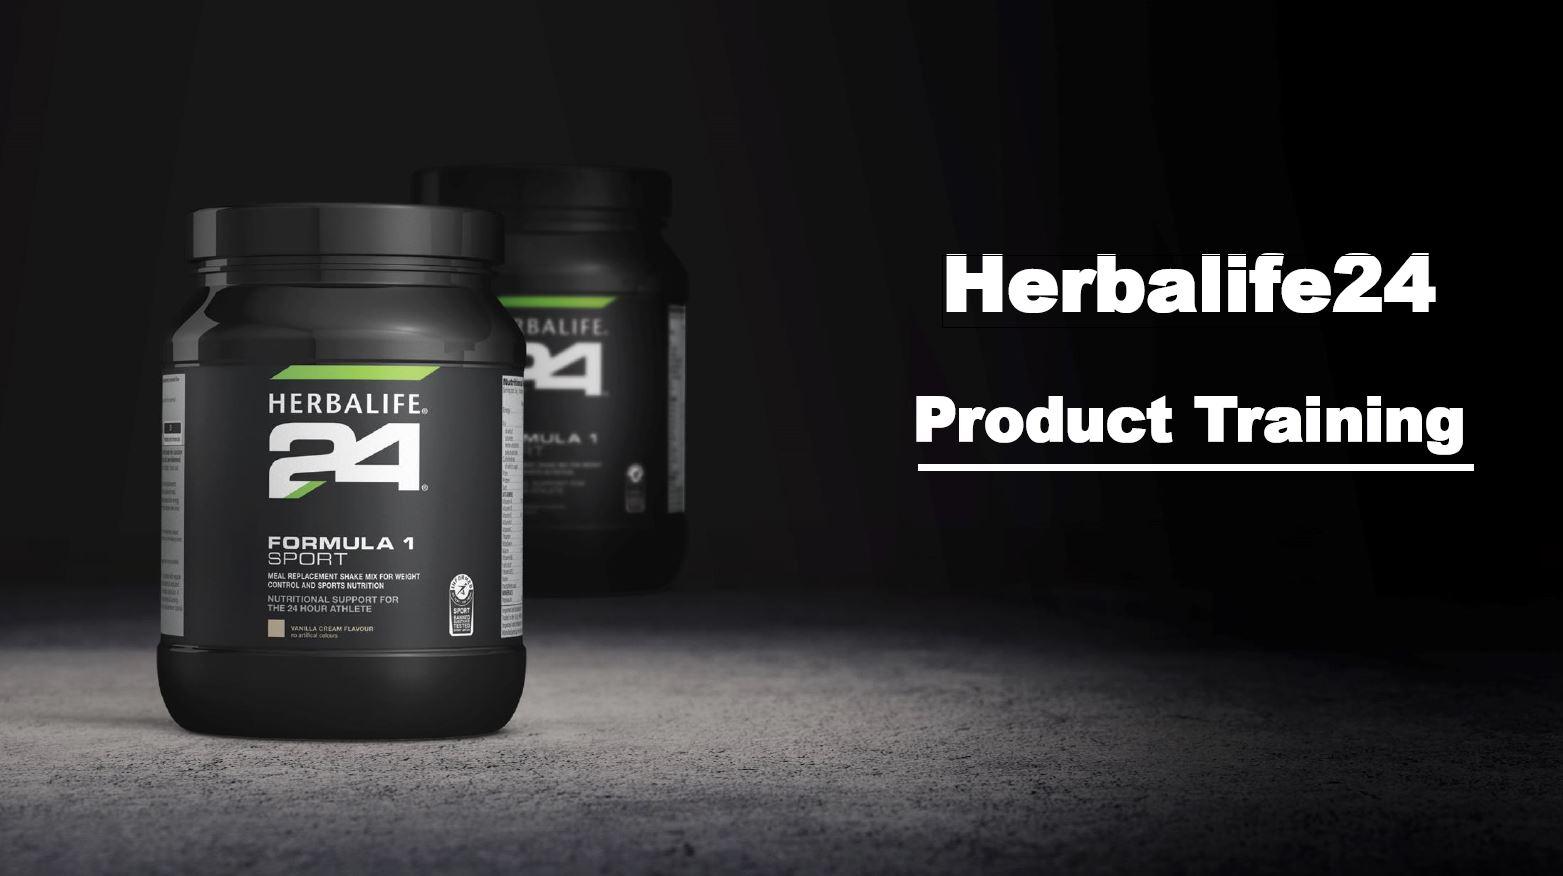 Download de Herbalife 24 Product Training